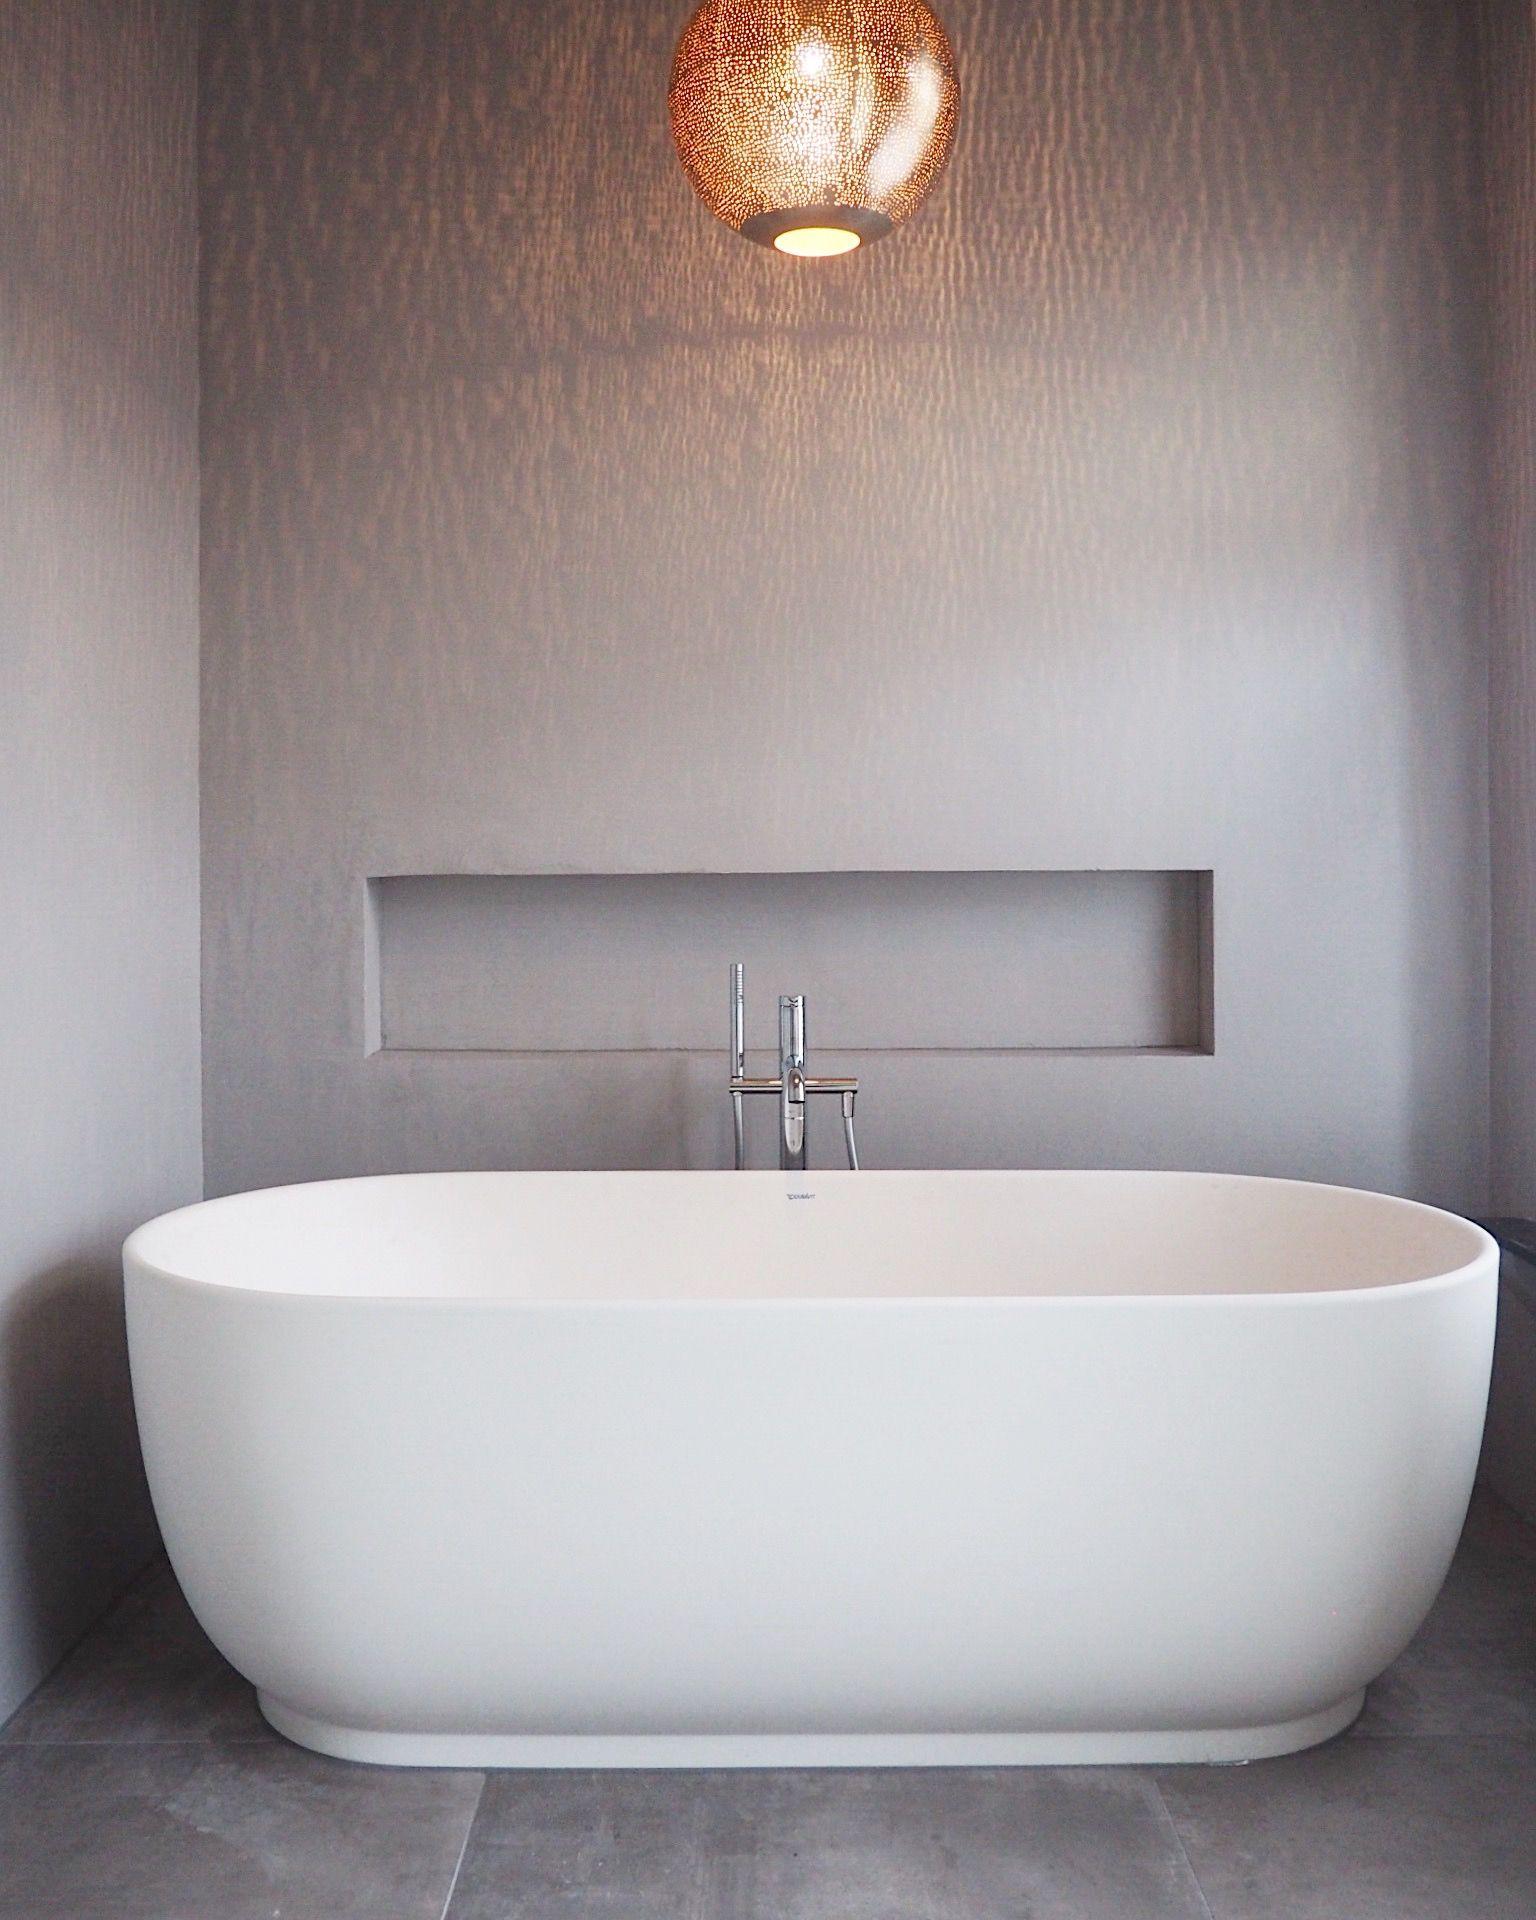 Pin Von Darcy Rice Auf New Home Overtonstraat Elternbadezimmer Badezimmer Trends Badezimmer Design